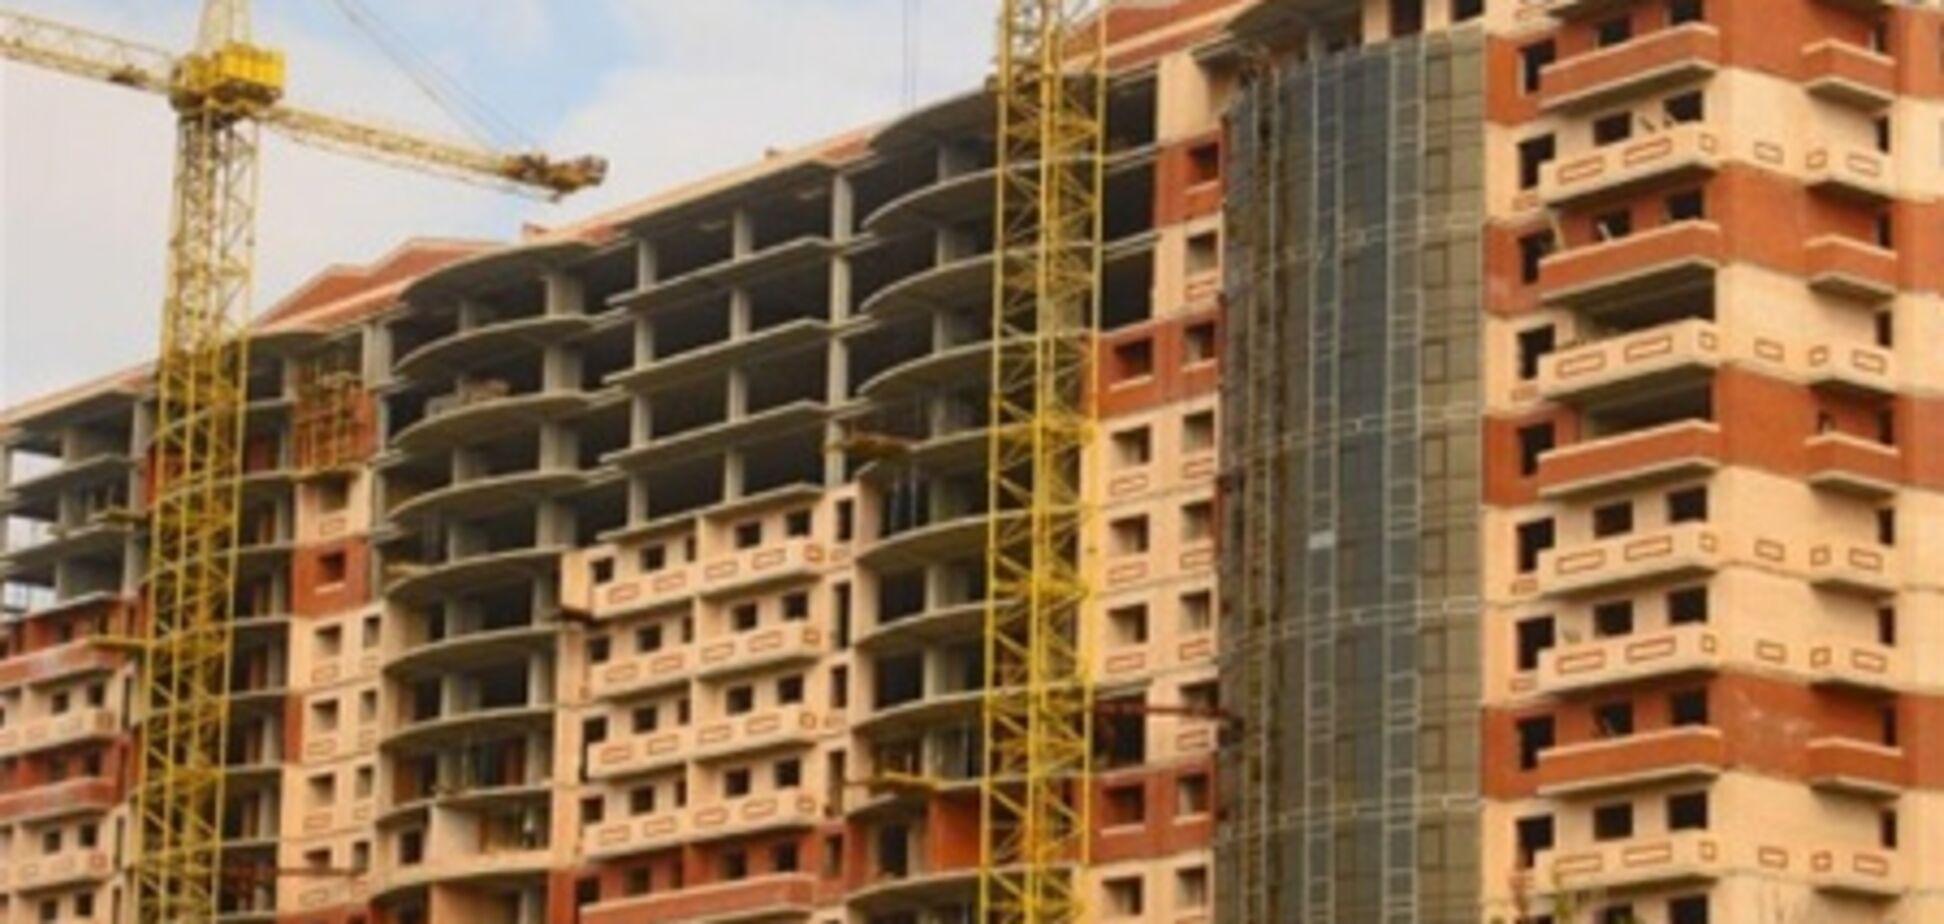 Днепропетровская область сократила объемы строительства